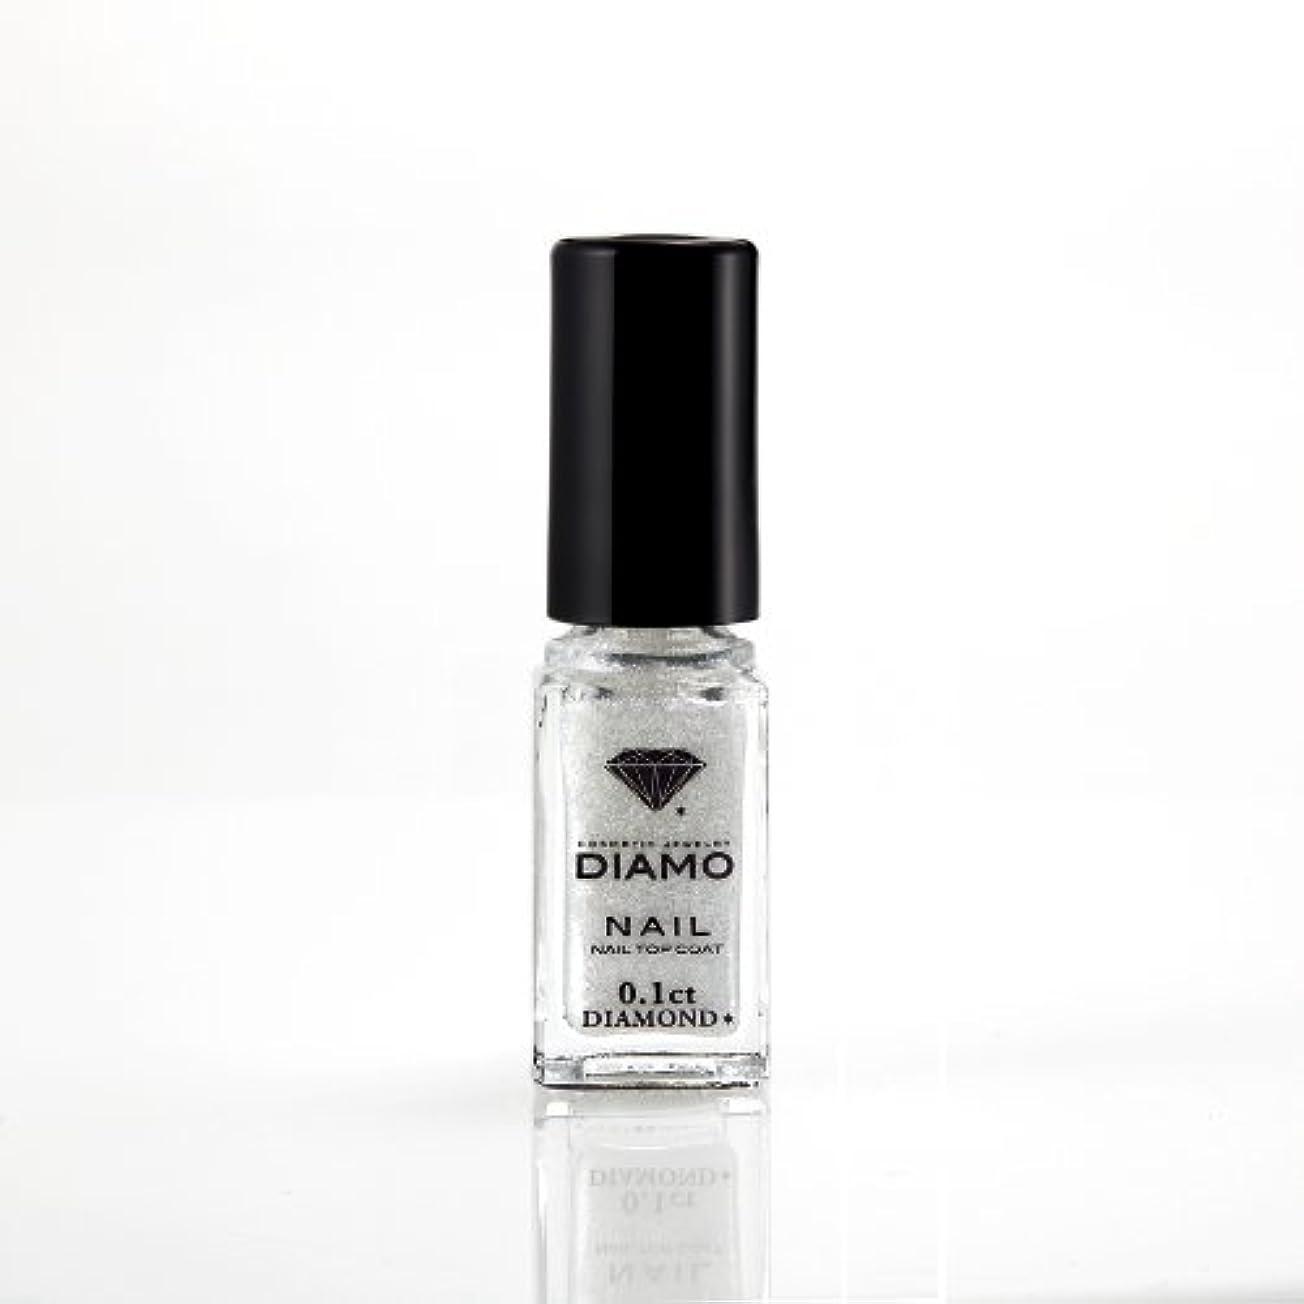 テスト初期広告DIAMO NAIL TOP COAT ディアモ ネイル トップコート0.1ct 天然ダイヤモンド粉末入り5ml